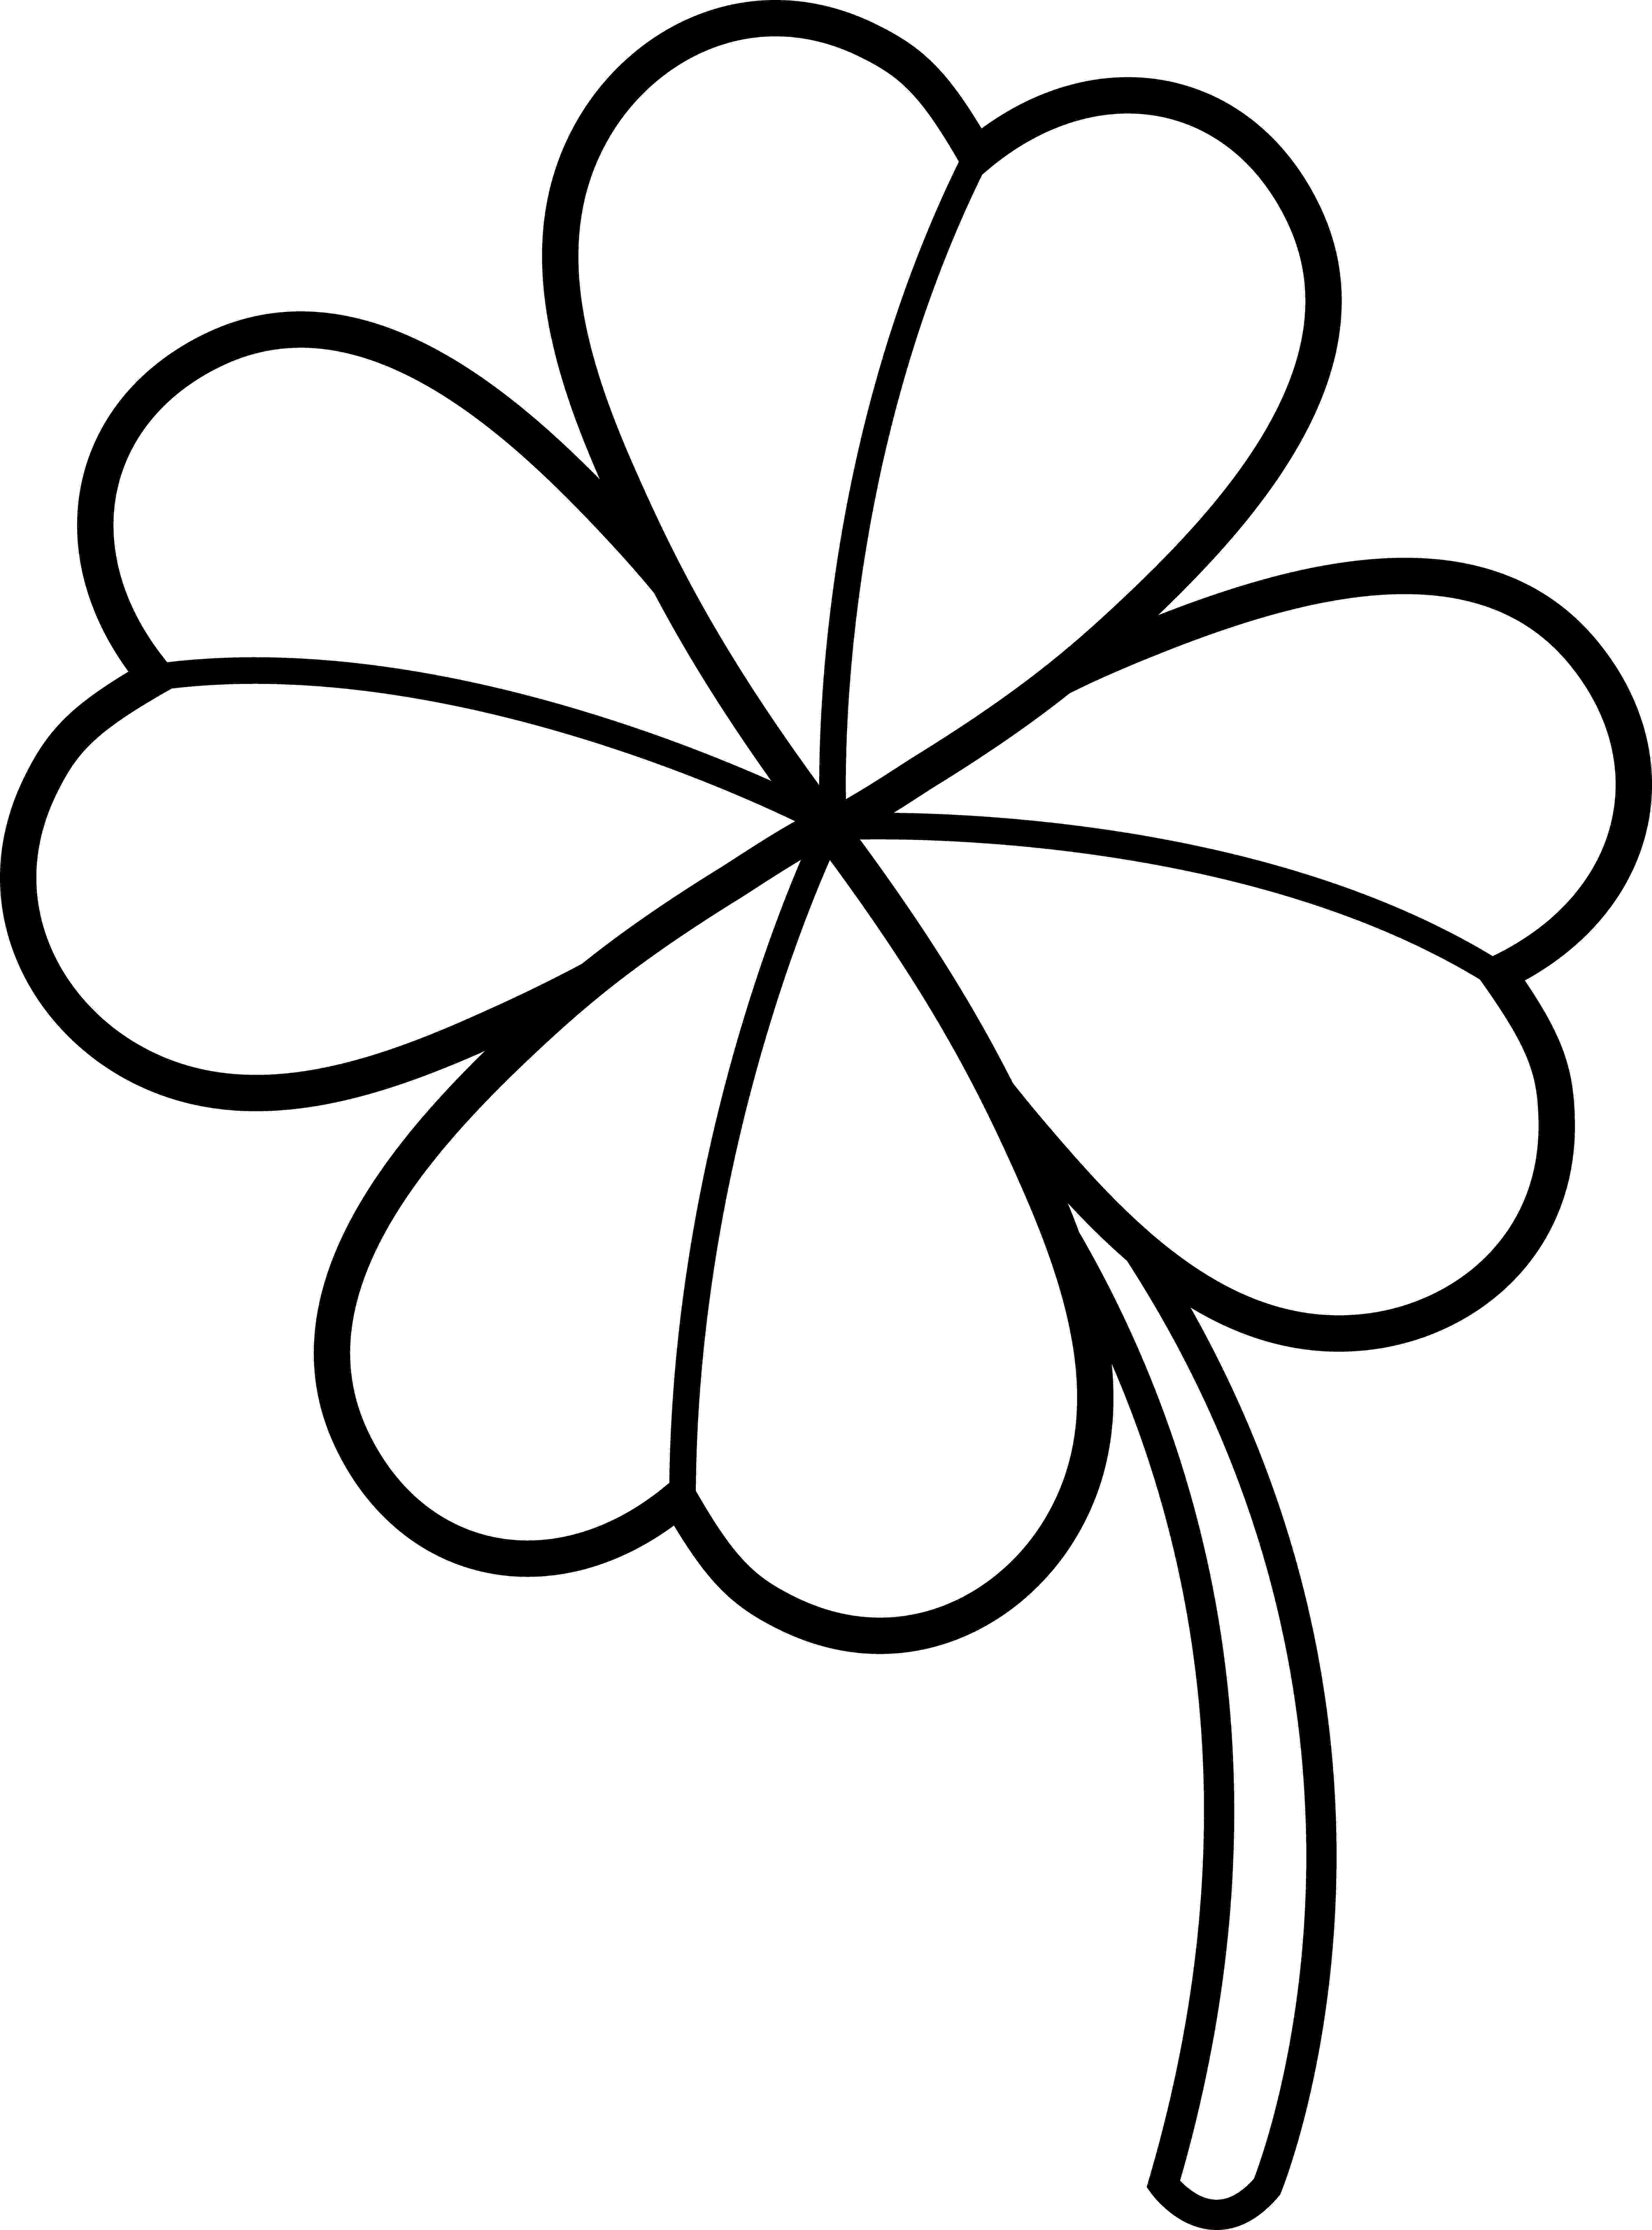 four leaf clover coloring four leaf clover coloring pages best coloring pages for kids coloring four clover leaf